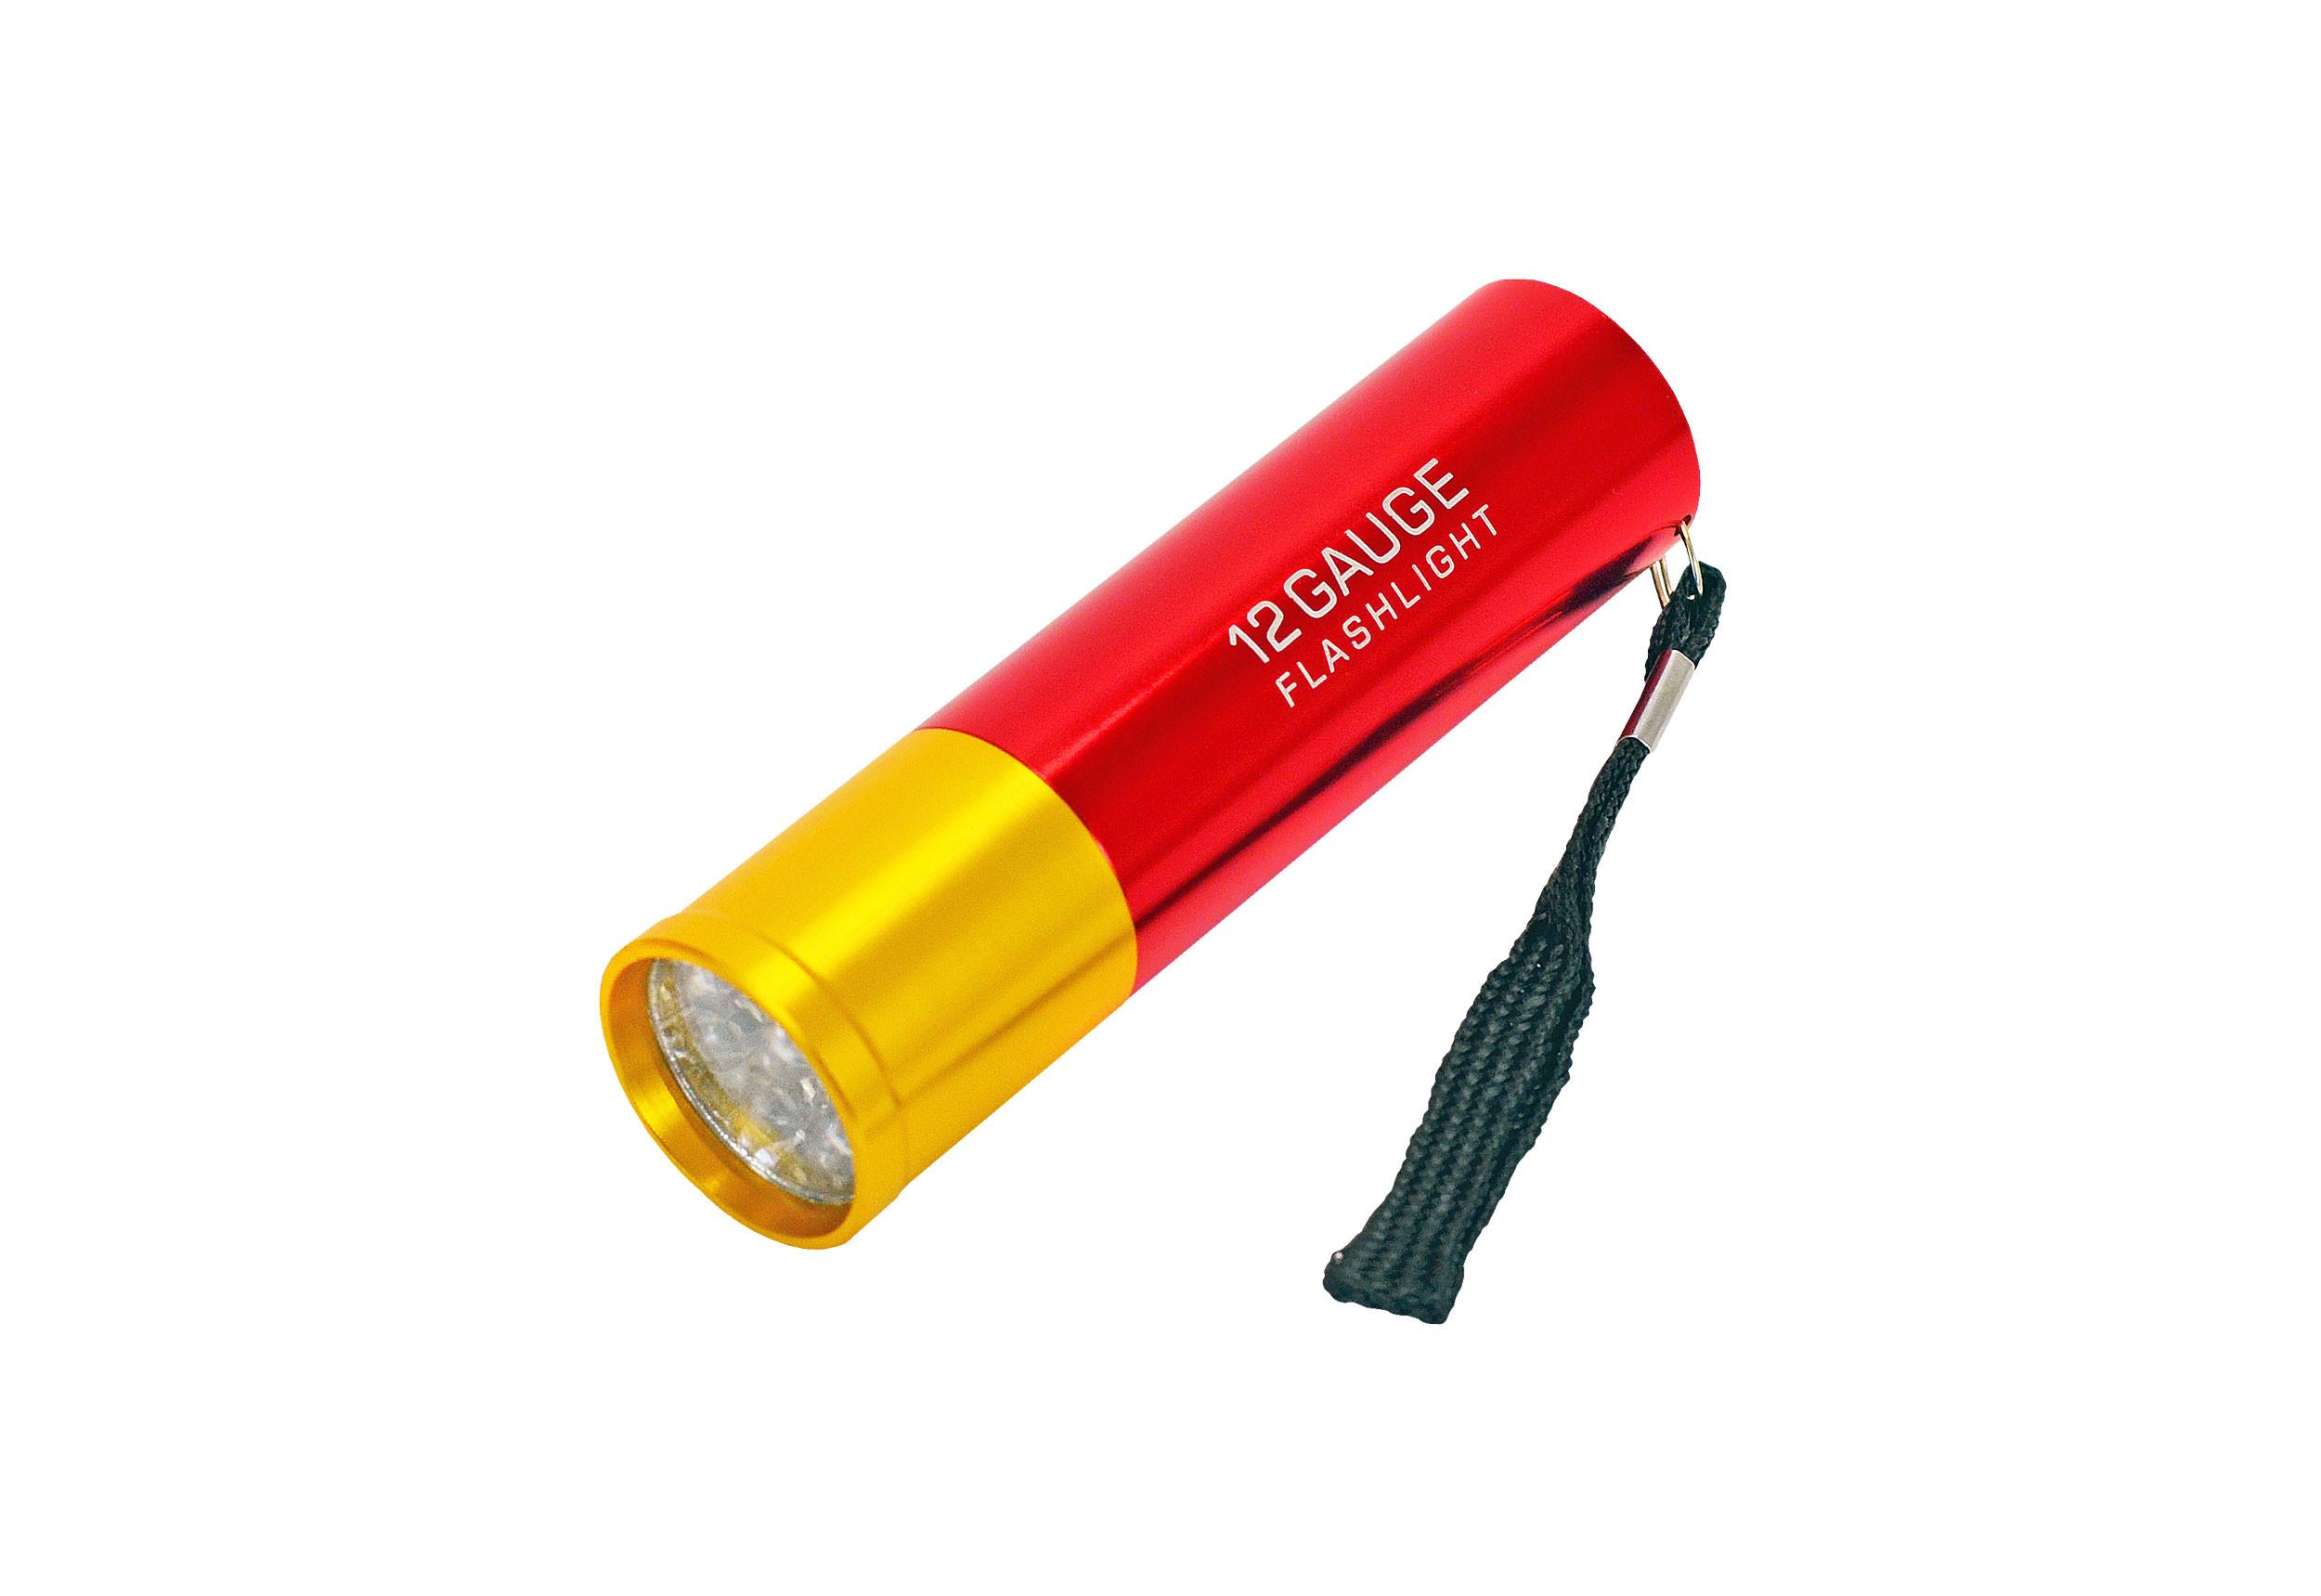 12 Gauge LED Flashlight